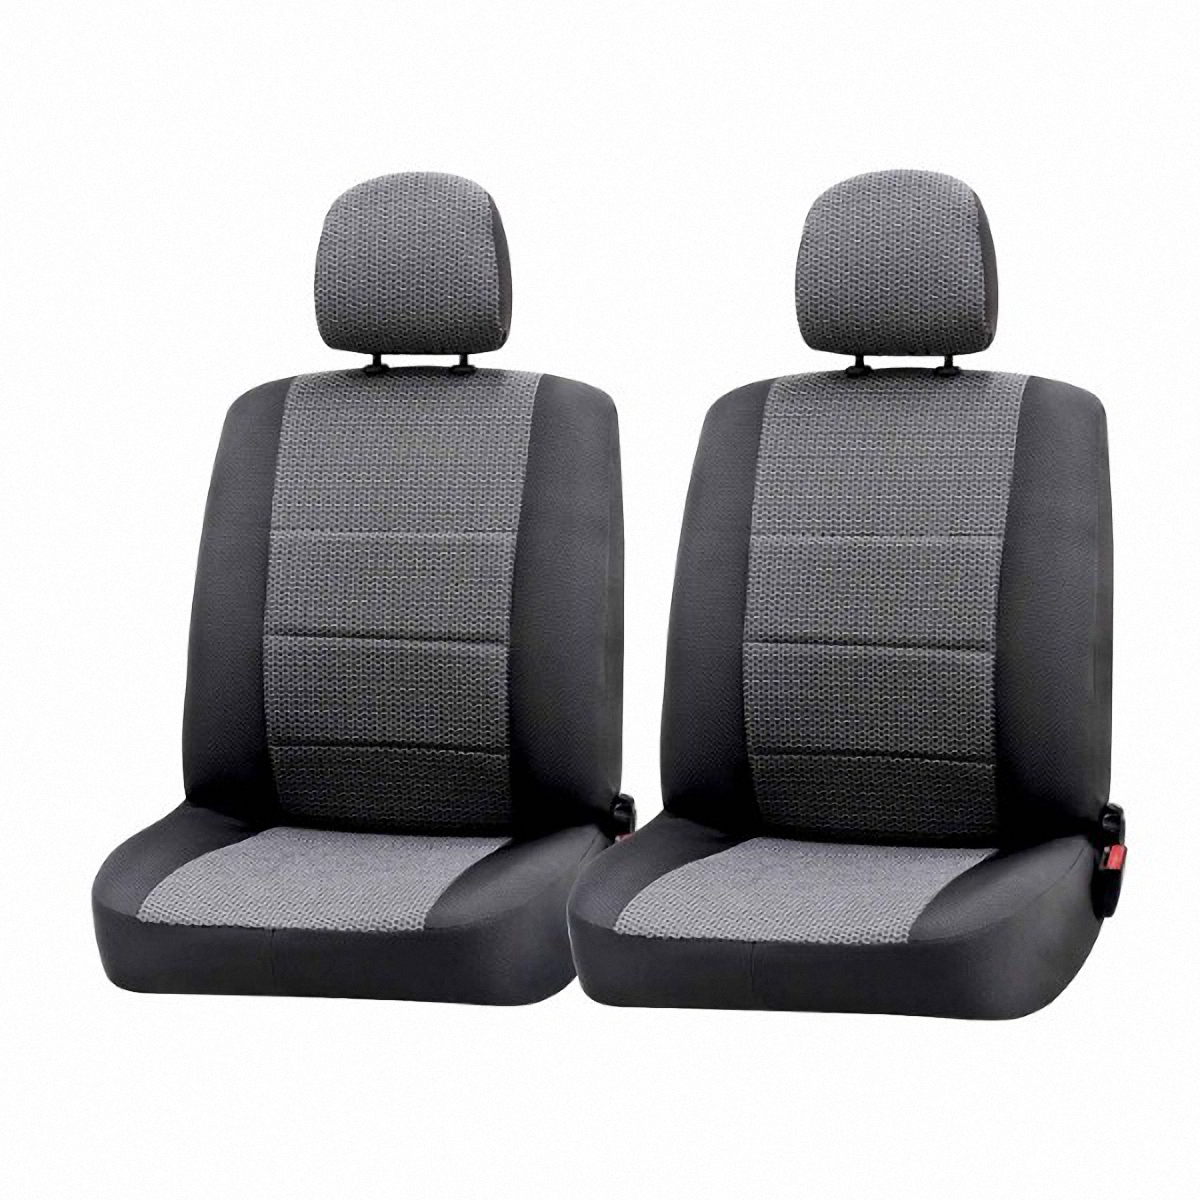 Чехлы автомобильные Skyway, для Hyundai Solaris 2014-, седан, раздельный задний рядHnd1-2Автомобильные чехлы Skyway изготовлены из качественного жаккарда. Чехлы идеально повторяют штатную форму сидений и выглядят как оригинальная обивка сидений. Разработаны индивидуально для каждой модели автомобиля. Авточехлы Skyway просты в уходе - загрязнения легко удаляются влажной тканью. Чехлы имеют раздельную схему надевания.В комплекте 11 предметов.